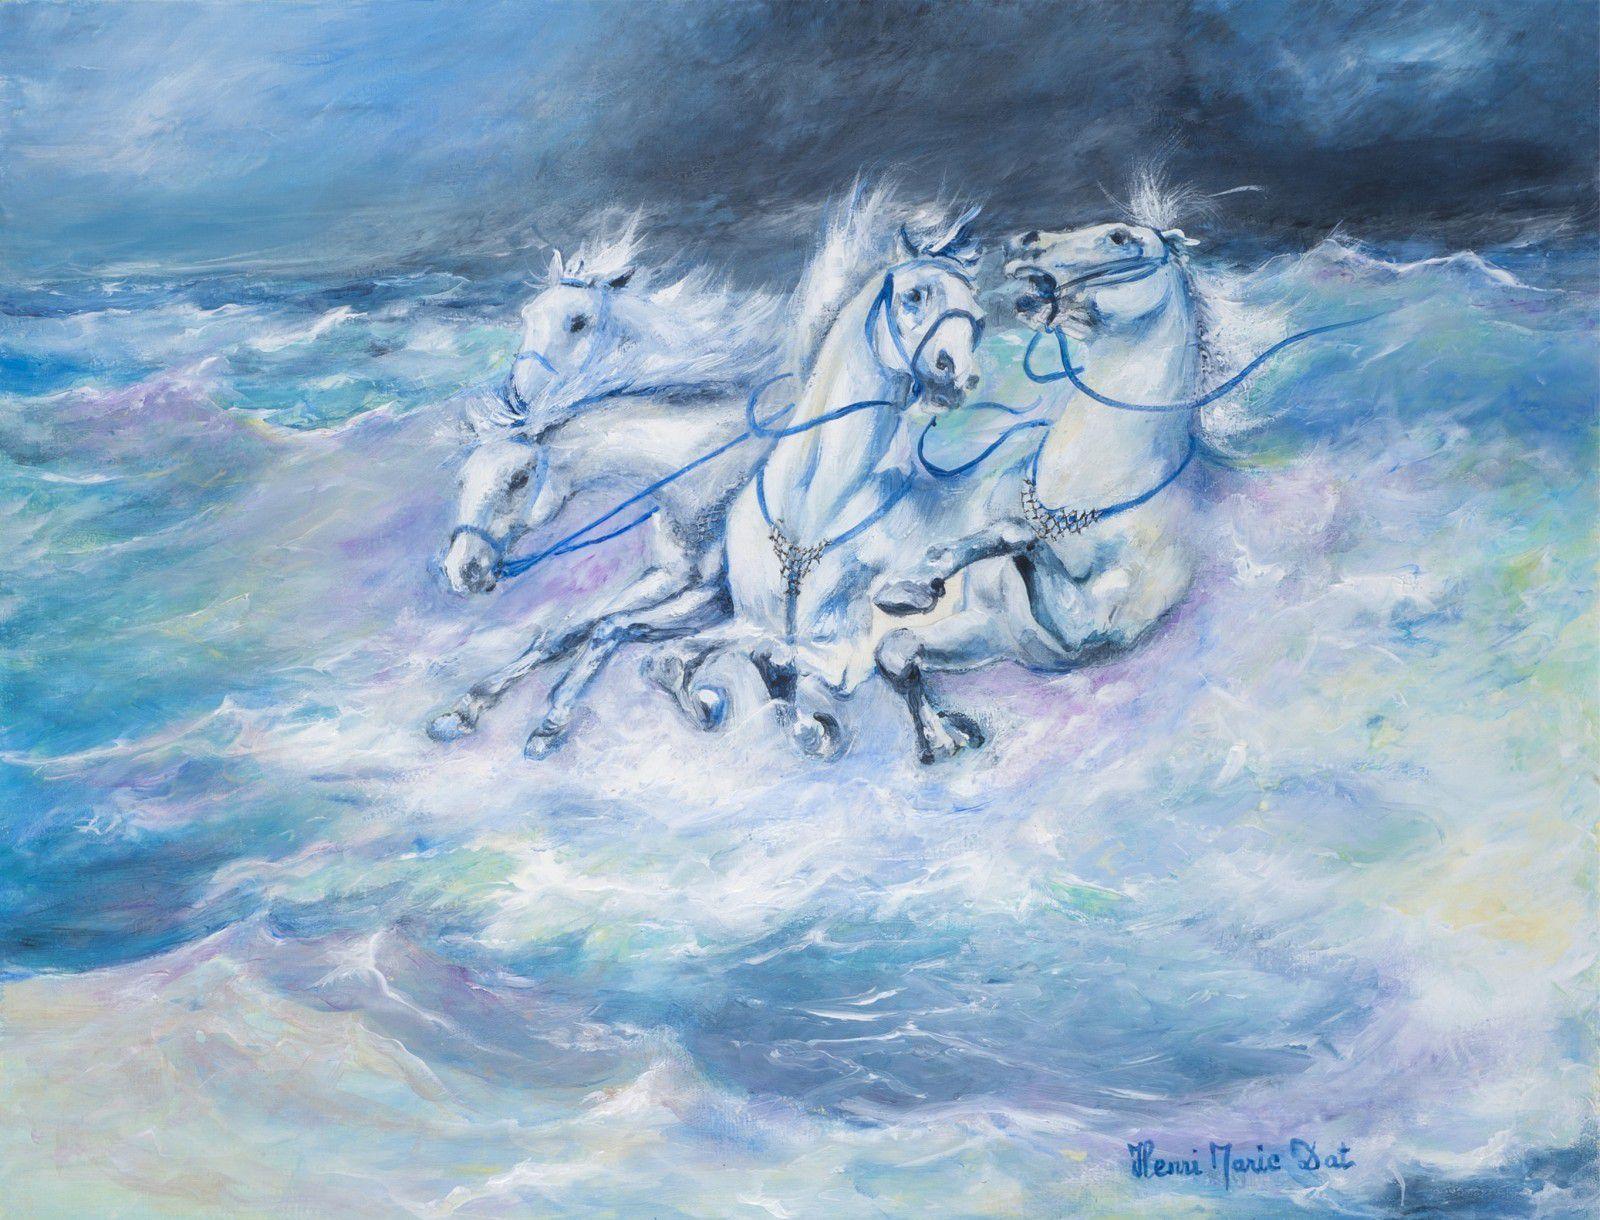 Henri Marie Dat est né en 1949 au bord de la Méditerranée. Marié à une allemande depuis 1970 et premier fervent de l'échange franco-allemand à travers l'art, il nous fait partager sa passion de la peinture.